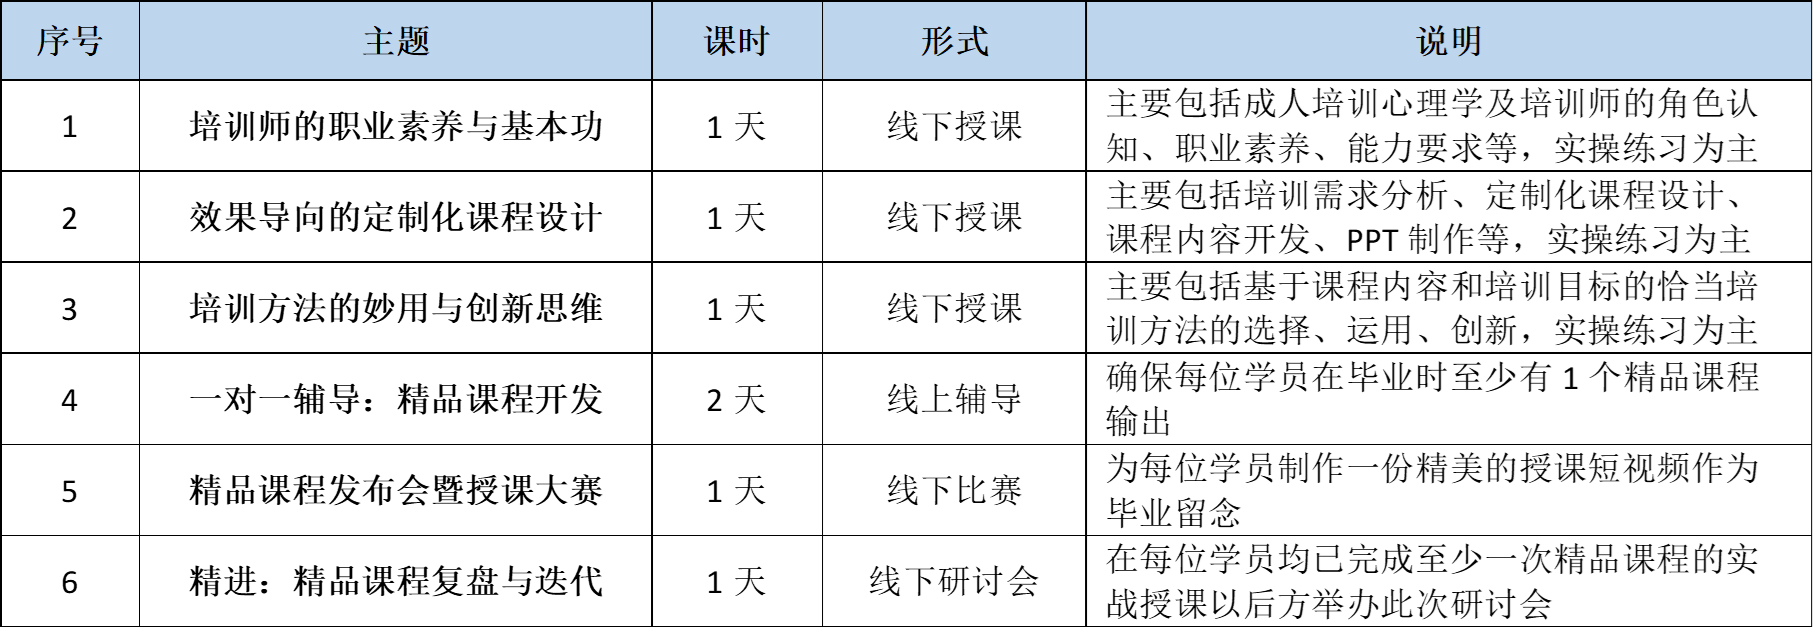 腾贤咨询课程表